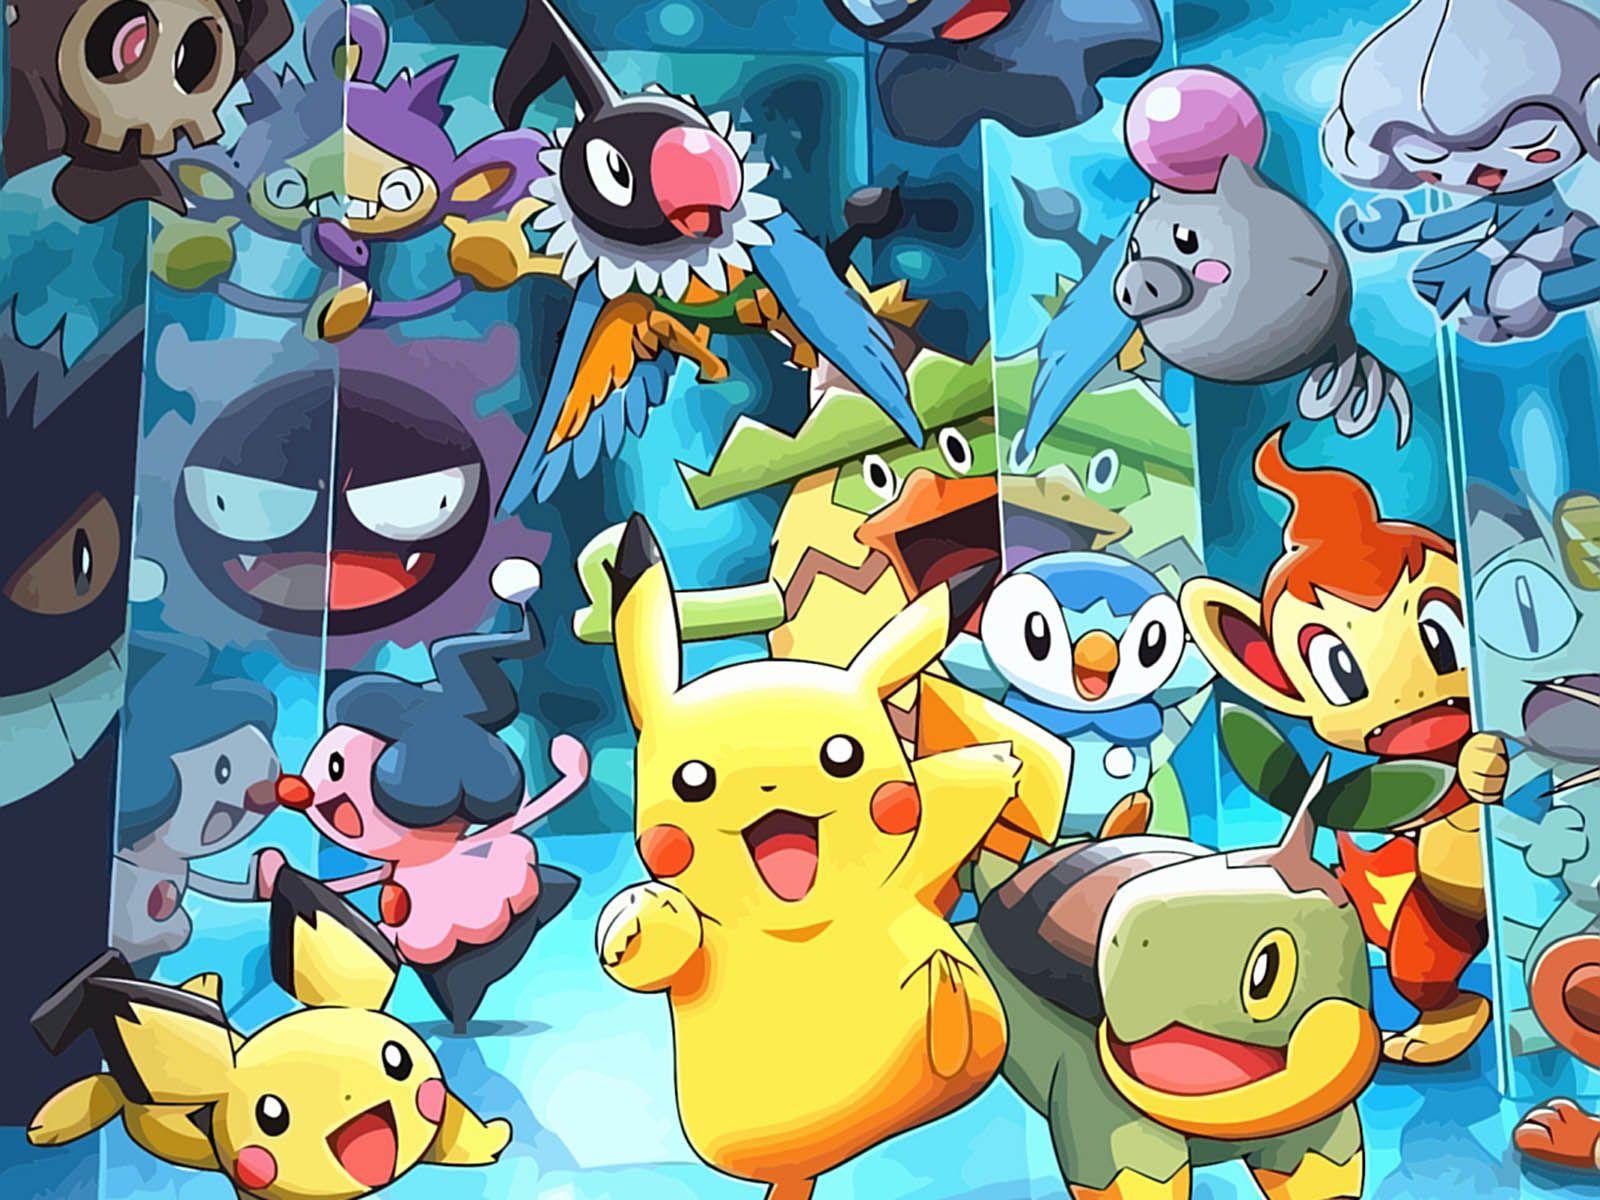 Pokemon pxiels wide picks pokemon hd wallpaper download